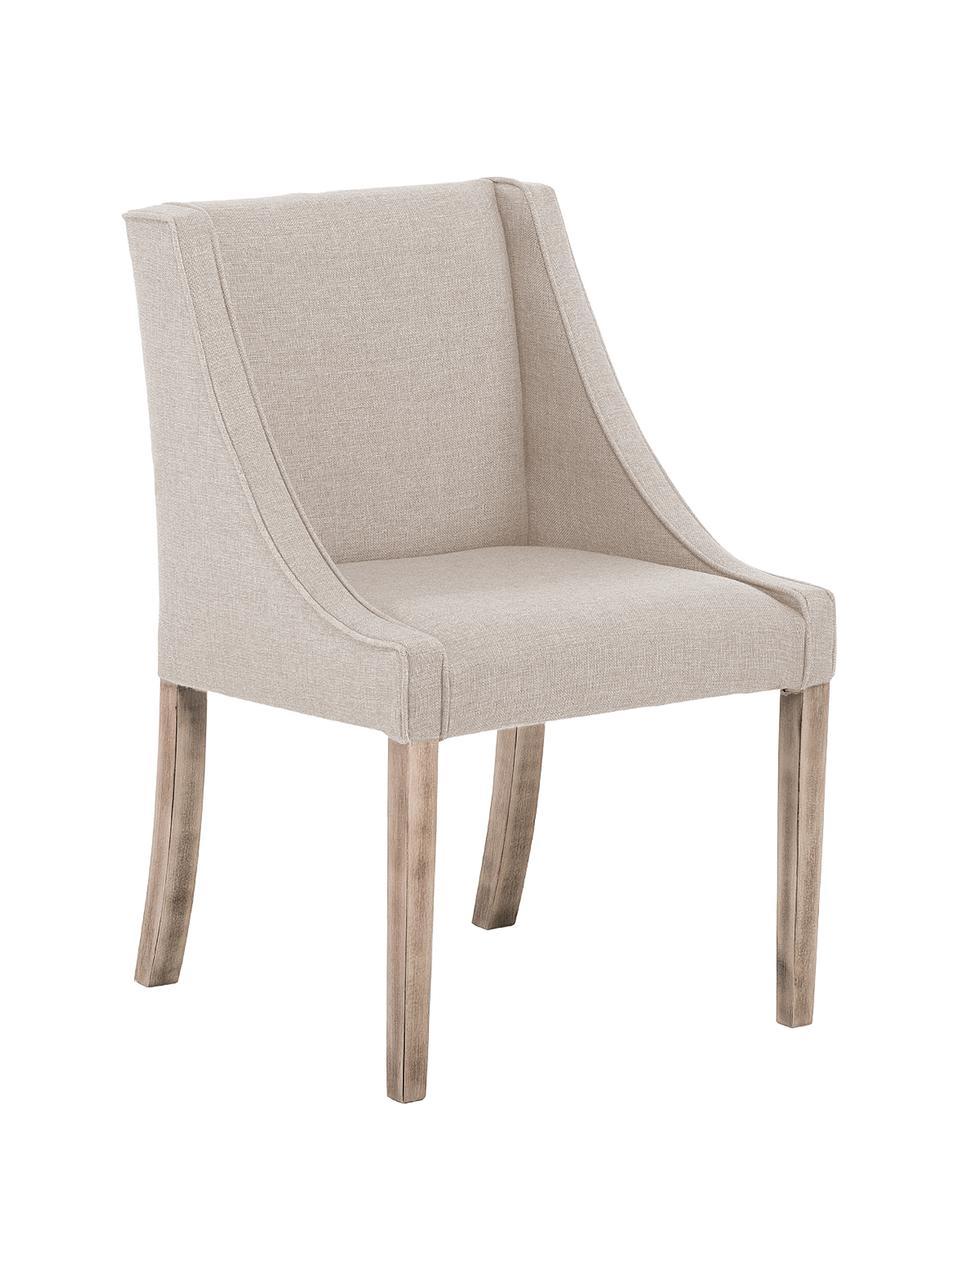 Chaise rembourrée Savannah, Revêtement: beige Pieds: marron clair